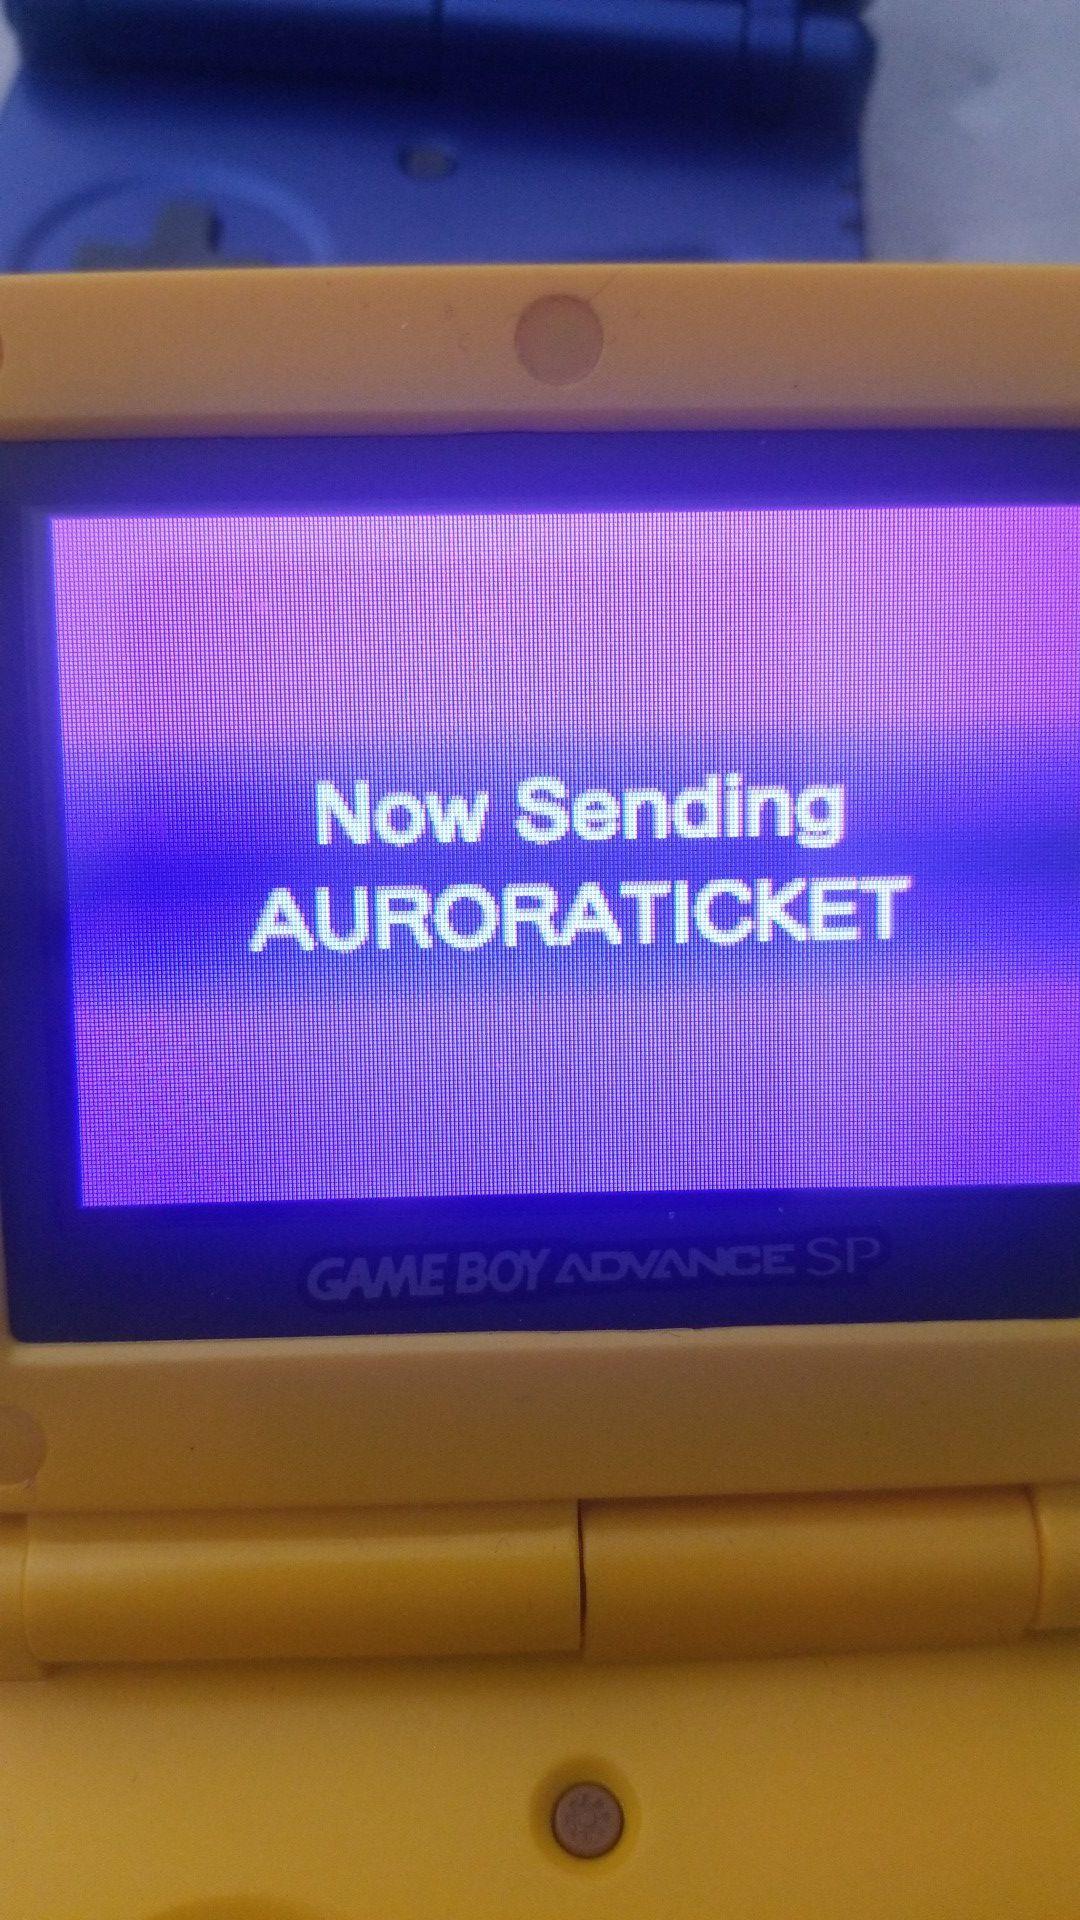 Aurora ticket gameboy advance